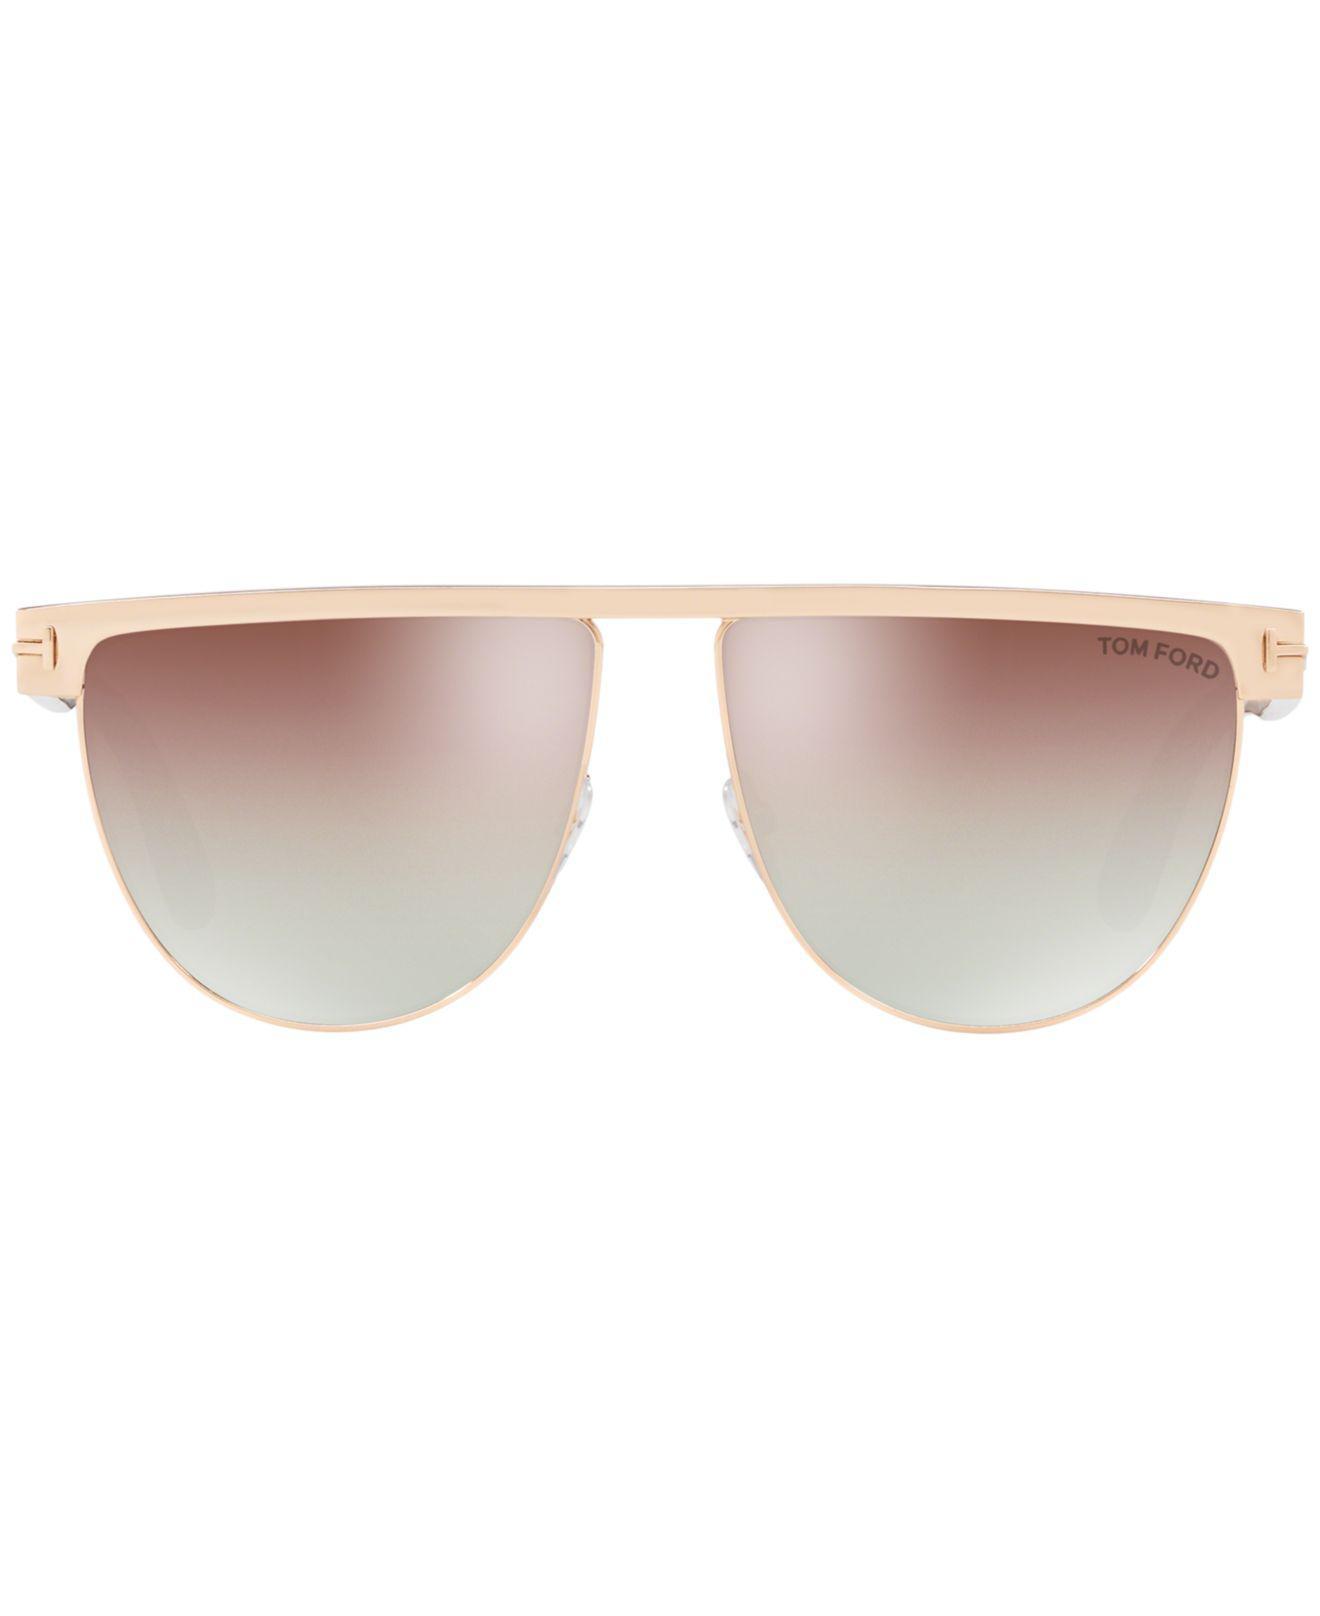 05e1c75a89 Tom Ford Sunglasses